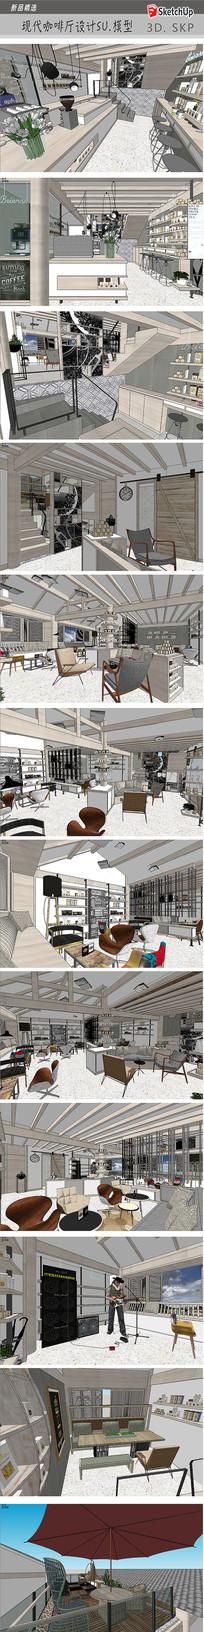 北欧风格咖啡馆SU模型